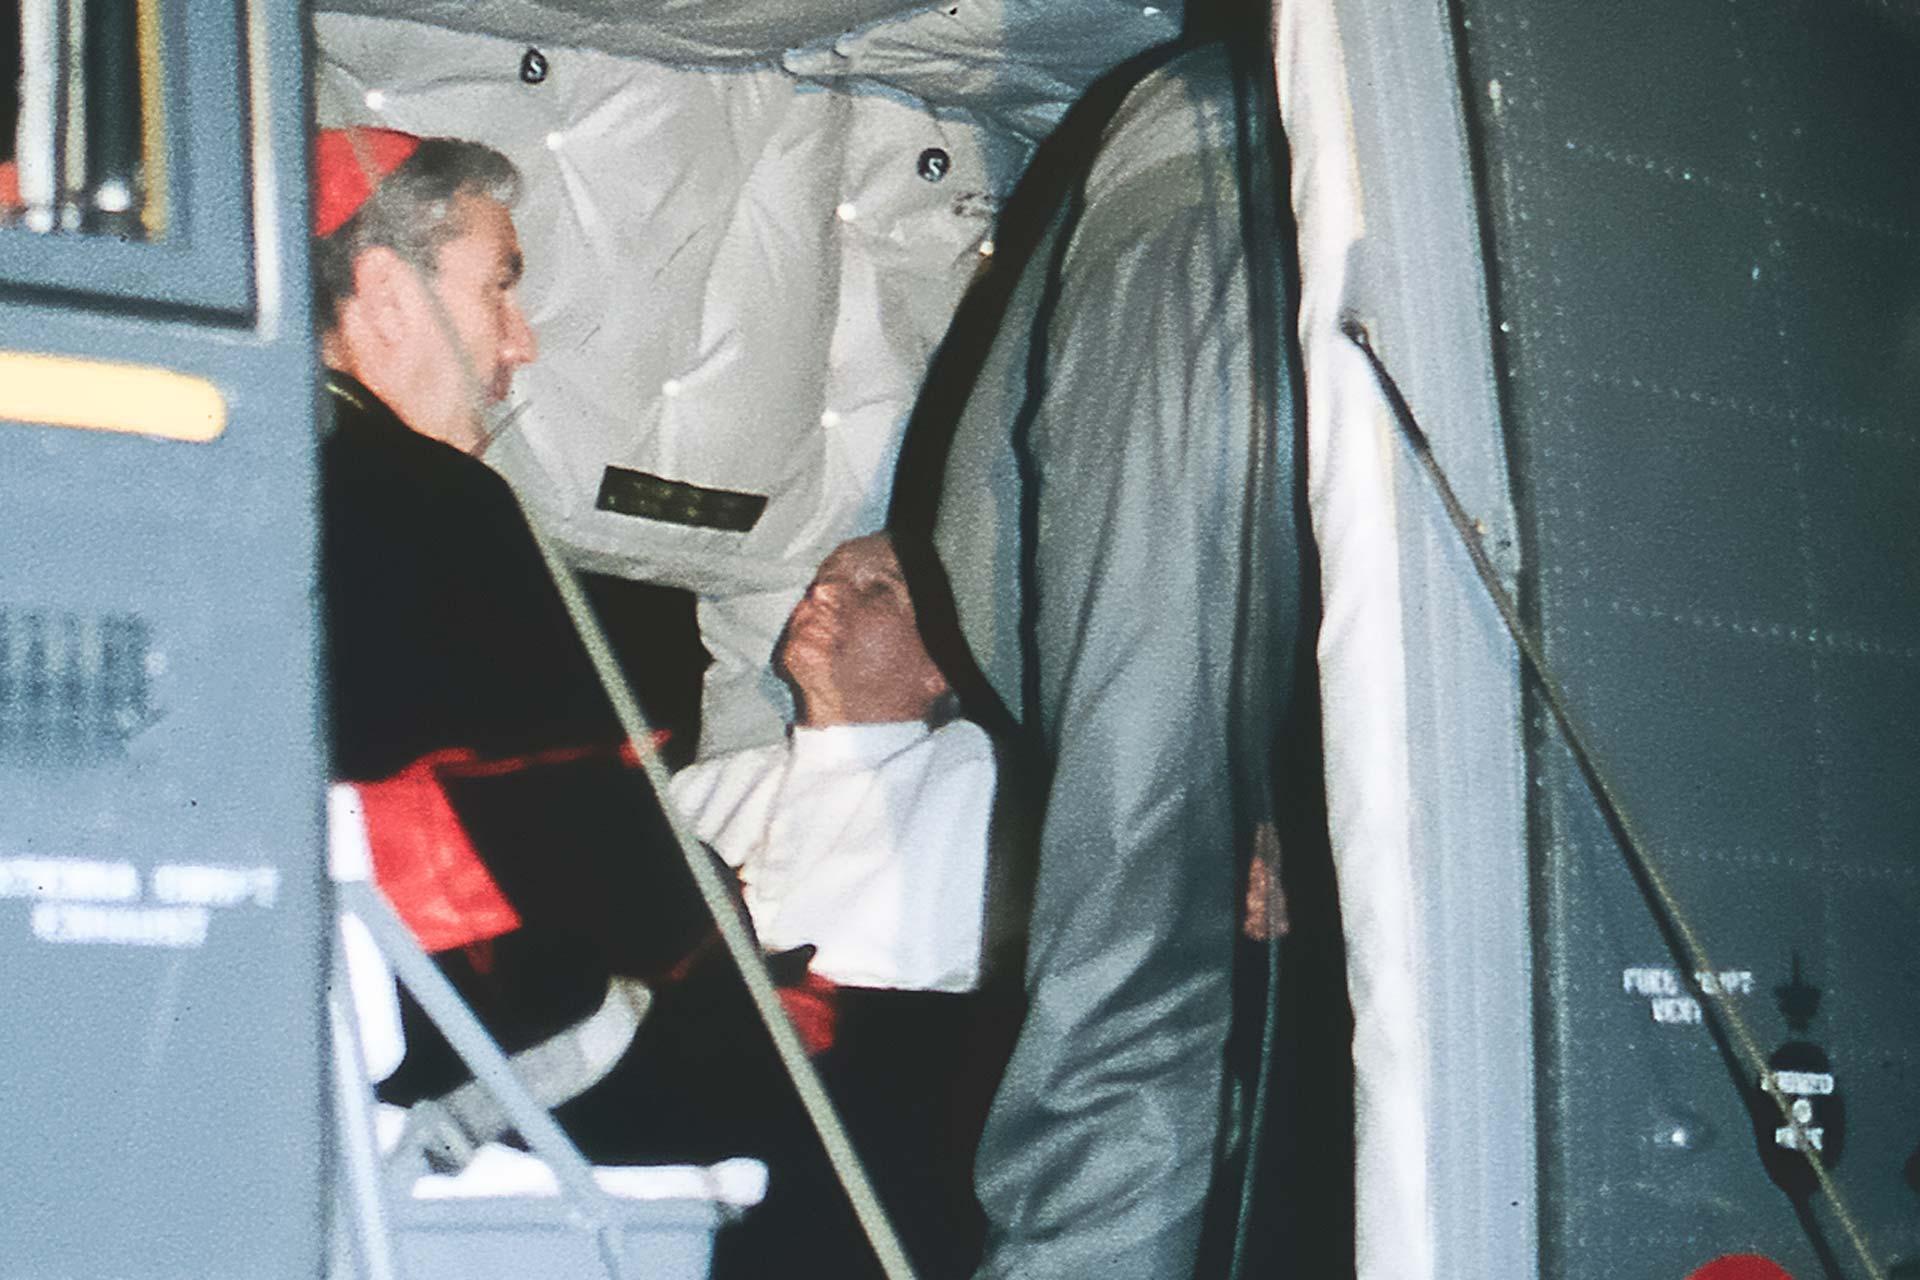 Il Papa dentro l?elicottero insieme al Cardinale Salvatore Pappalardo, poco prima di lasciare Palermo.